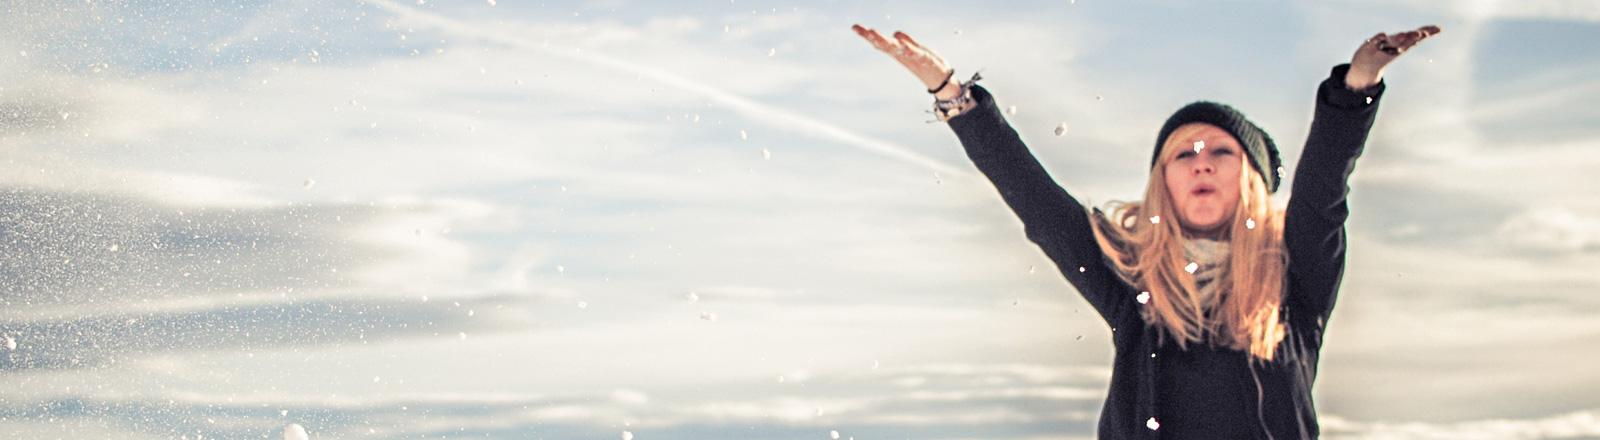 Eine Frau mit Jacke, Schal und Mantel hat die Arme in die Luft gehoben und schaut fröhlich. Sie steht vor einem Winterhimmel, es fällt Schnee.